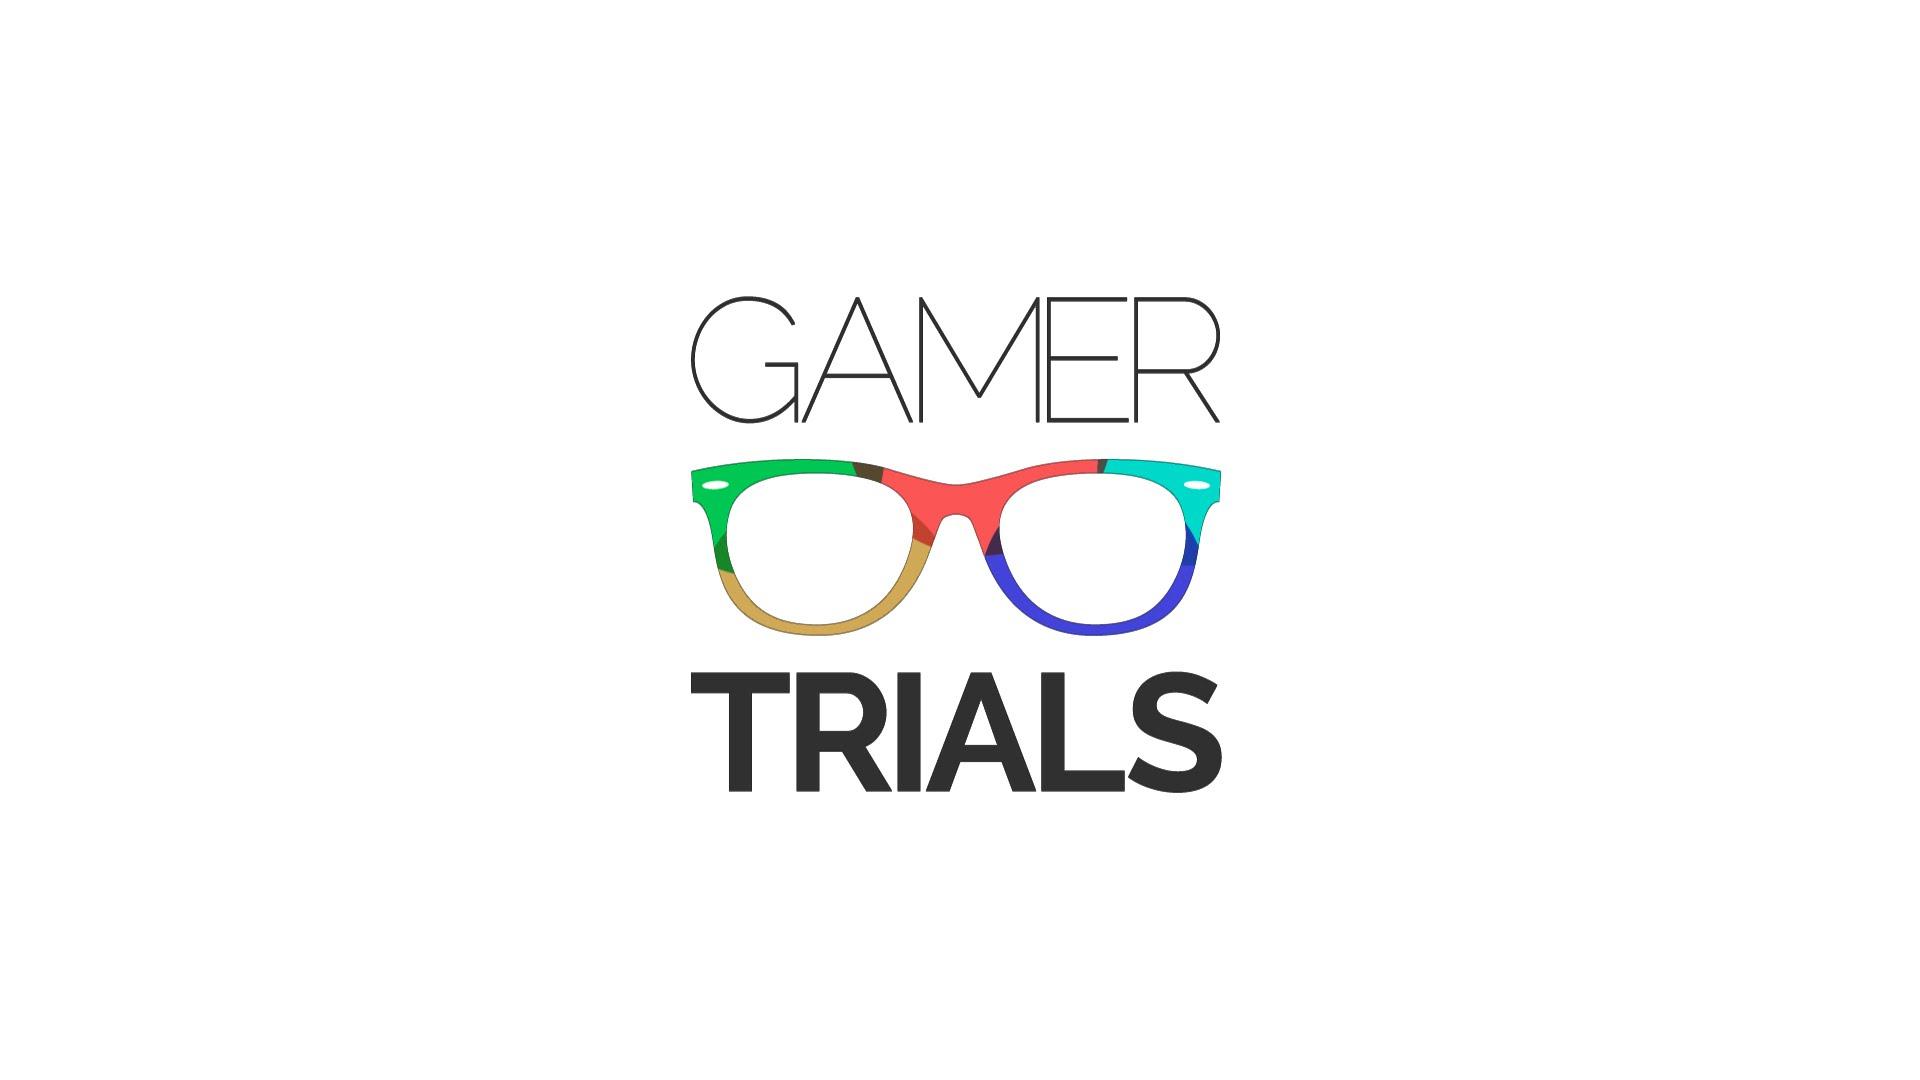 Plataforma de teste de games promete recompensar jogadores com novos jogos